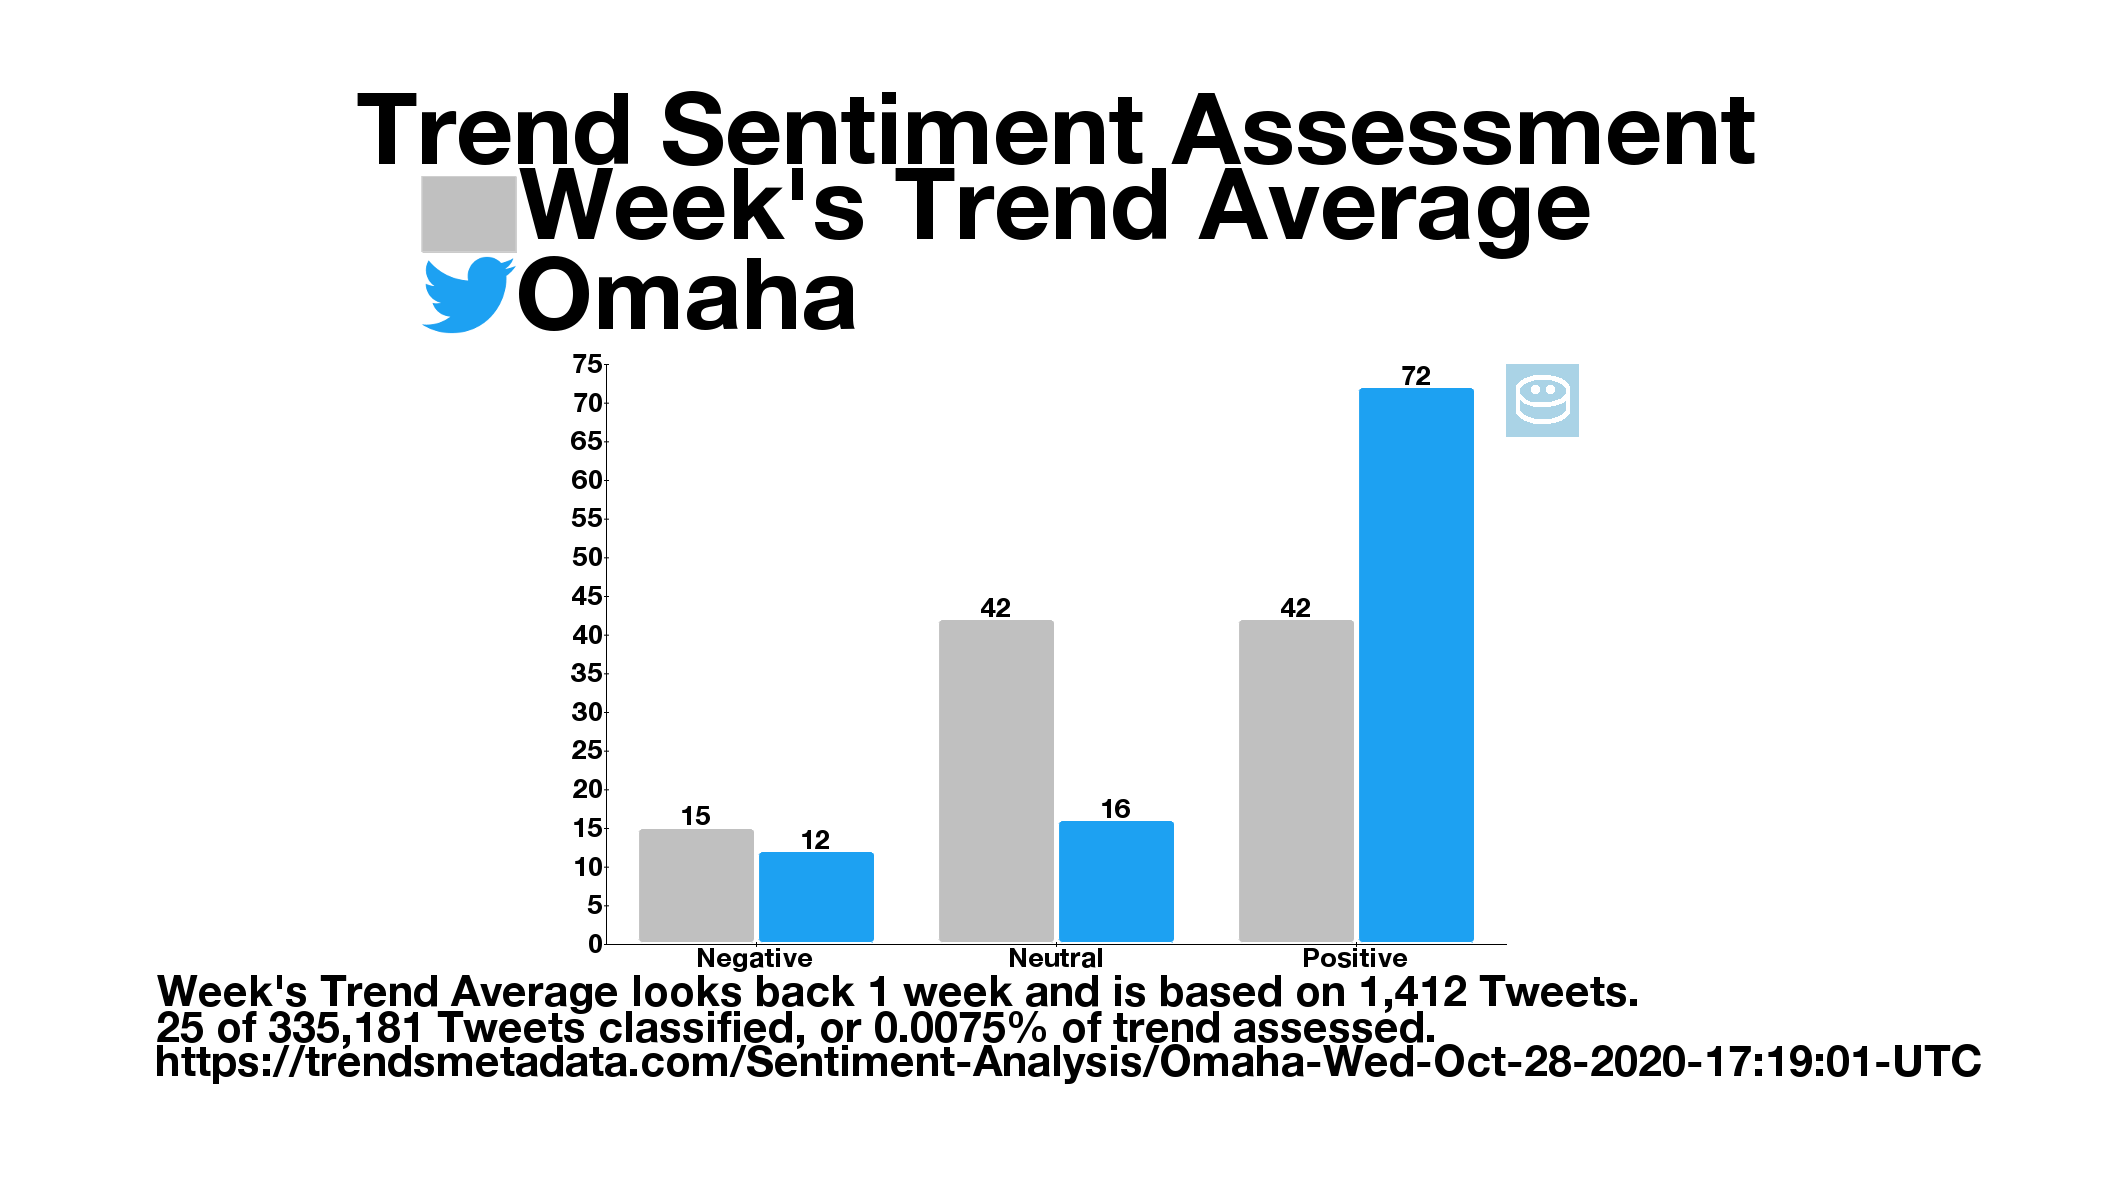 Omaha-Wed-Oct-28-2020-17:19:01-UTC